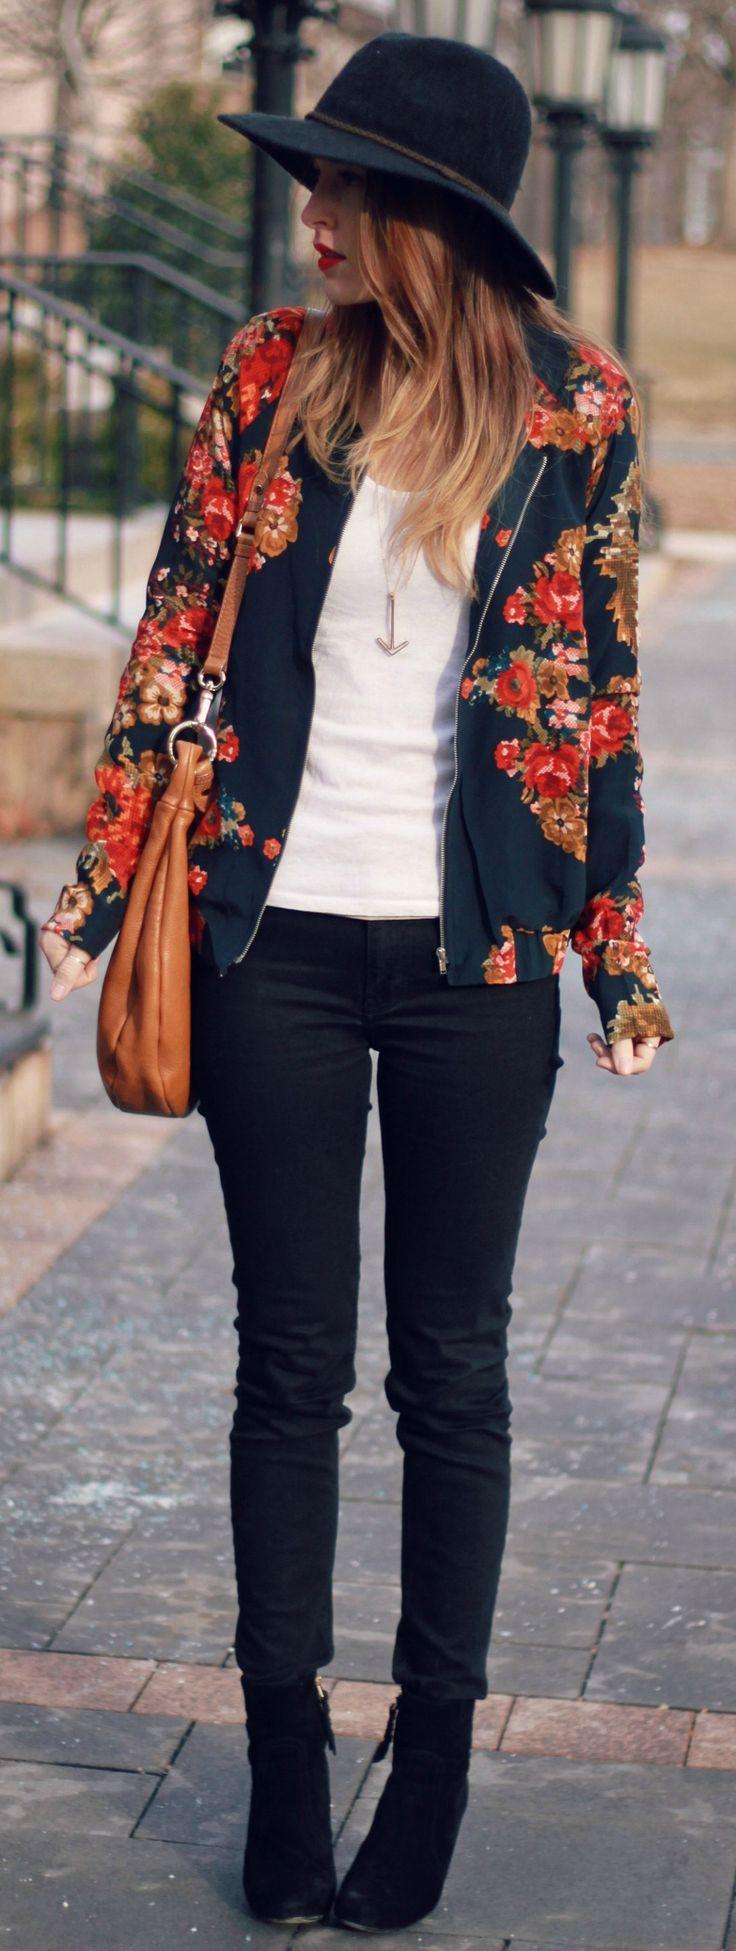 Em meio a cores sóbrias, a jaqueta floral se destaca!